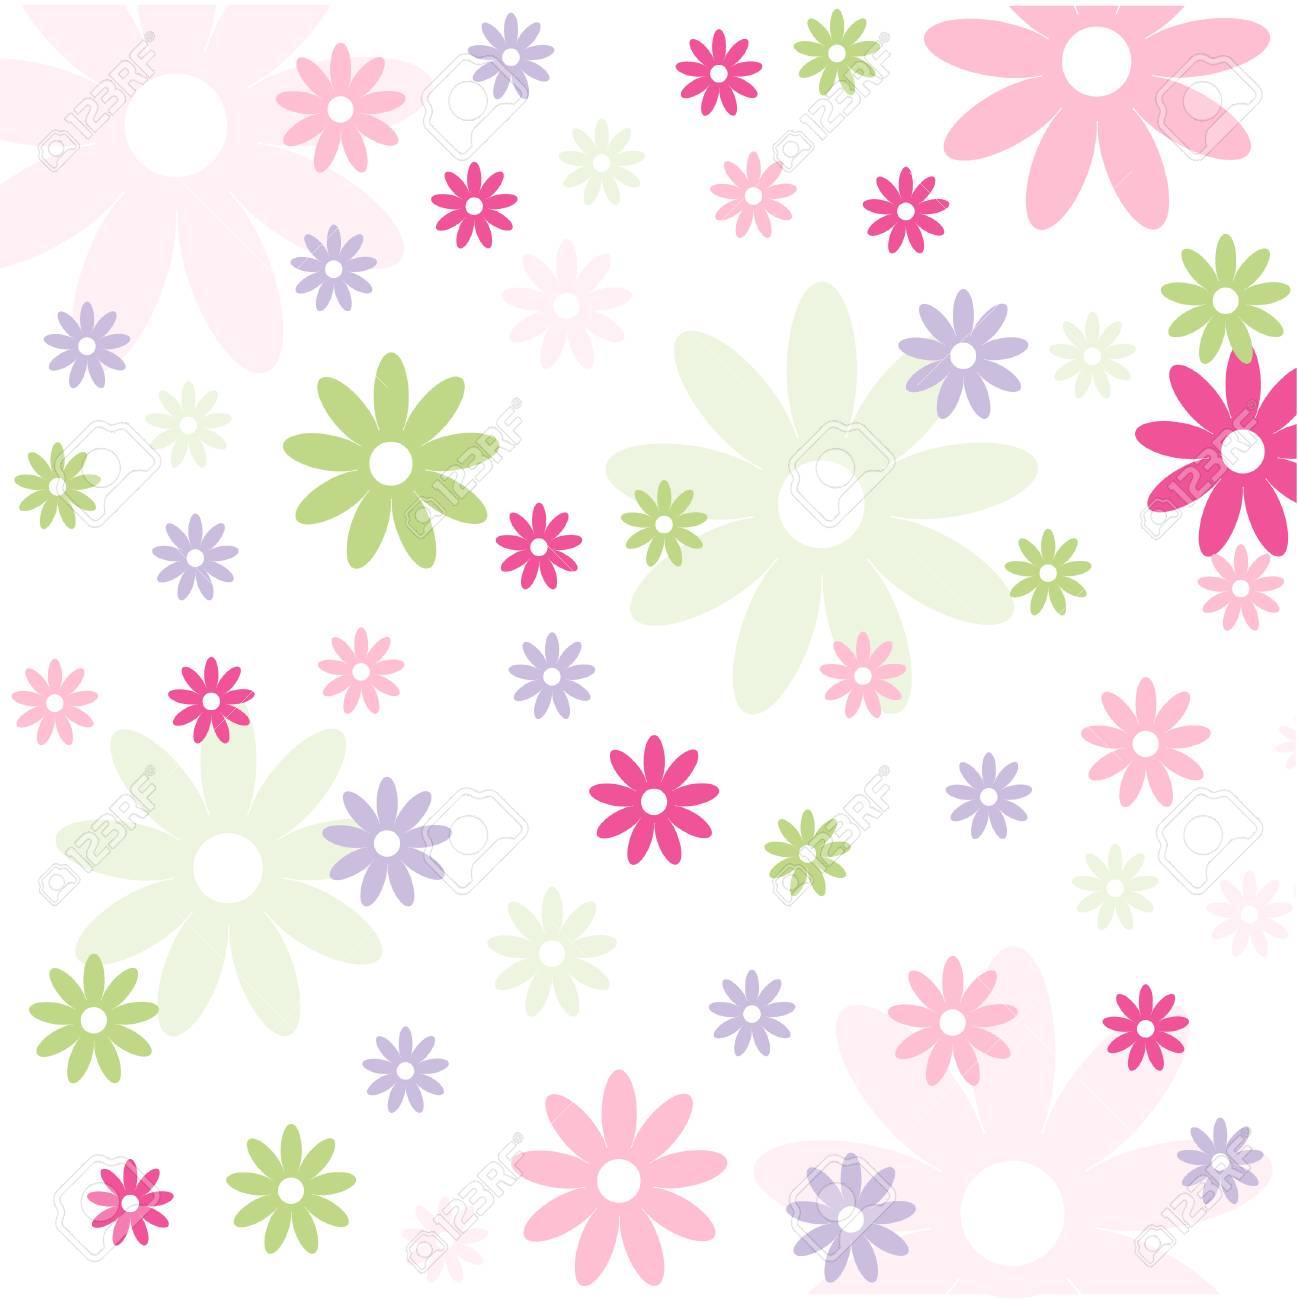 シームレス花柄壁紙のイラスト素材 ベクタ Image